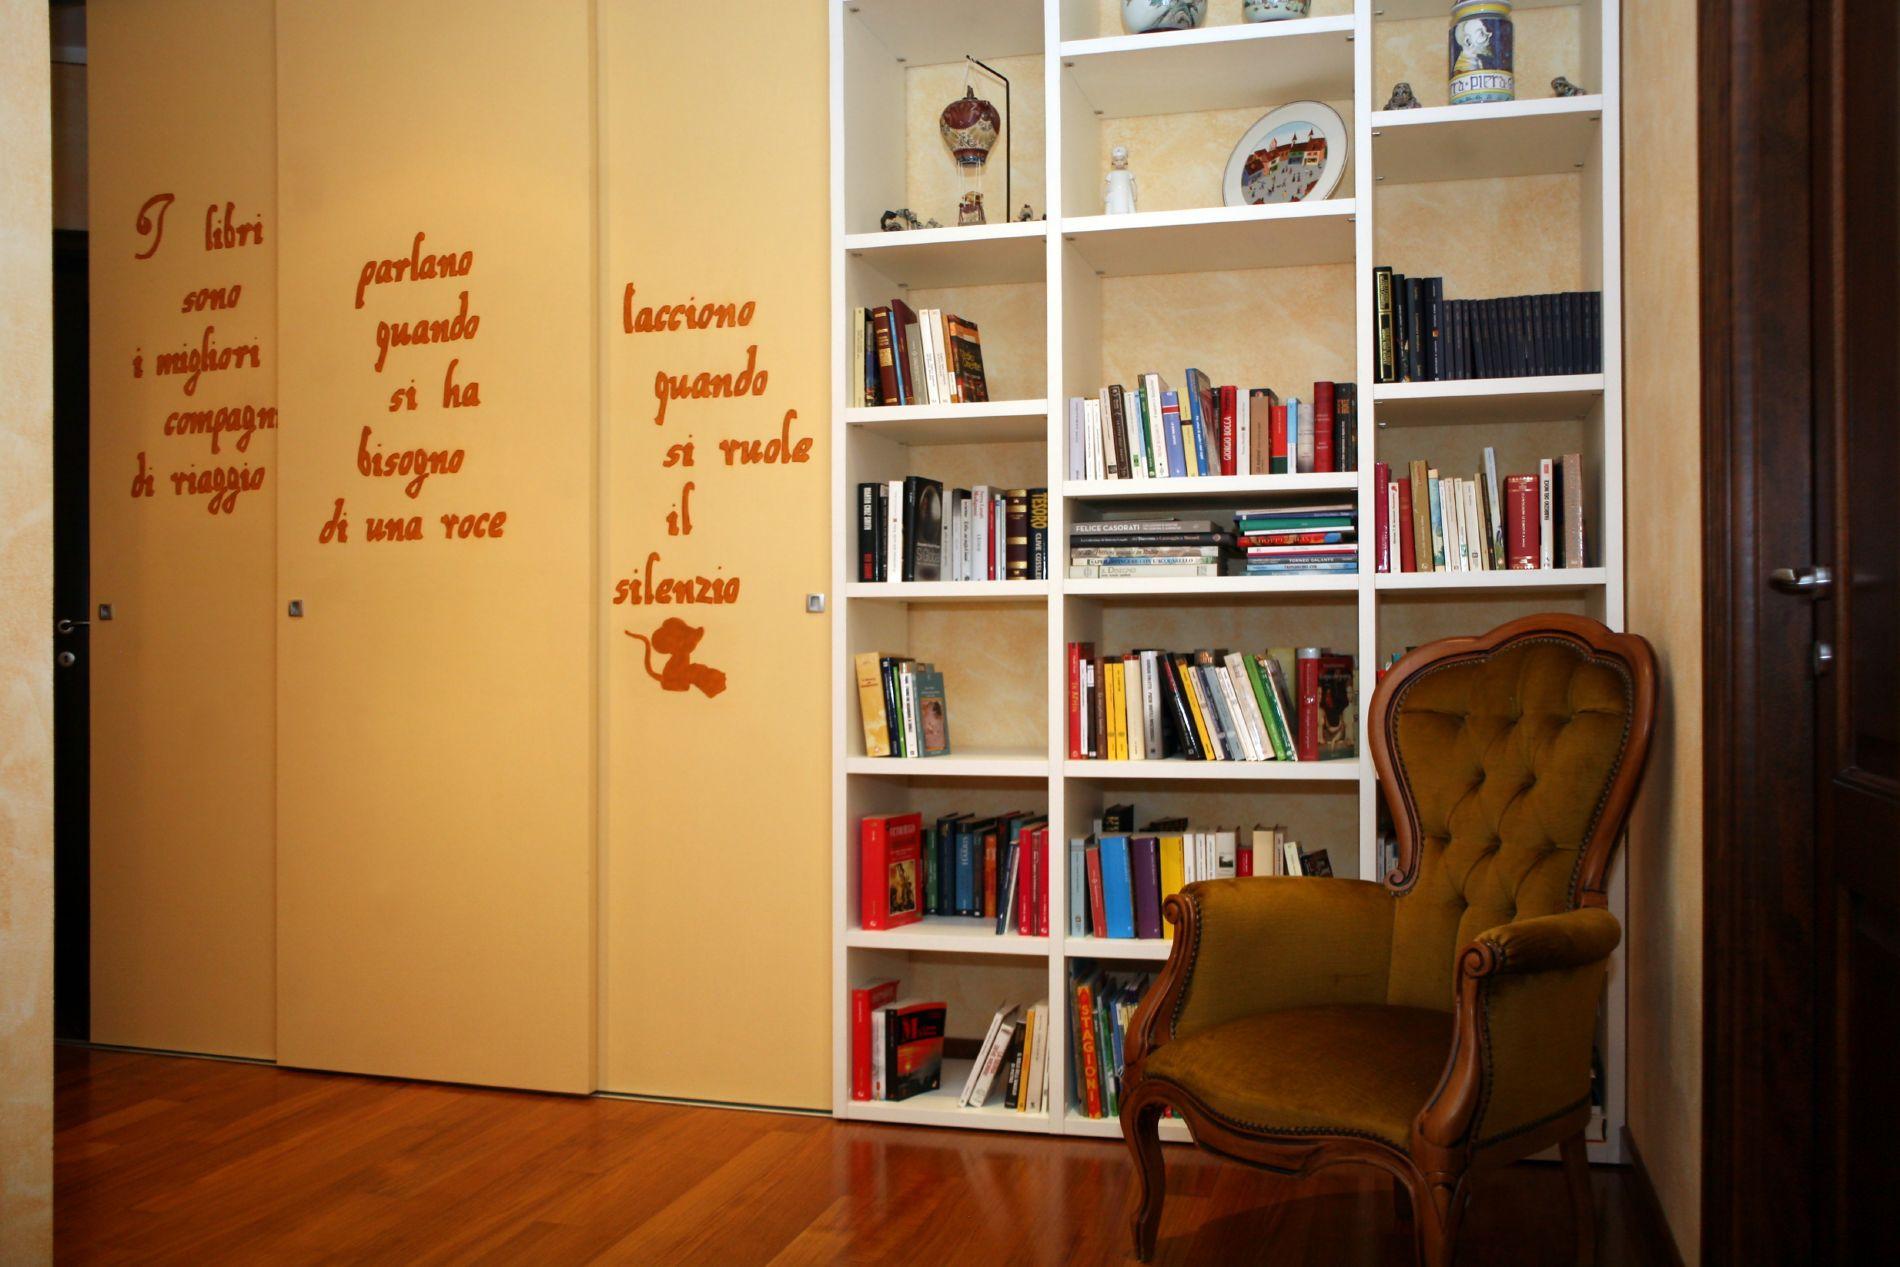 Migliori Libri Interior Design villa firmino - lovelanghe